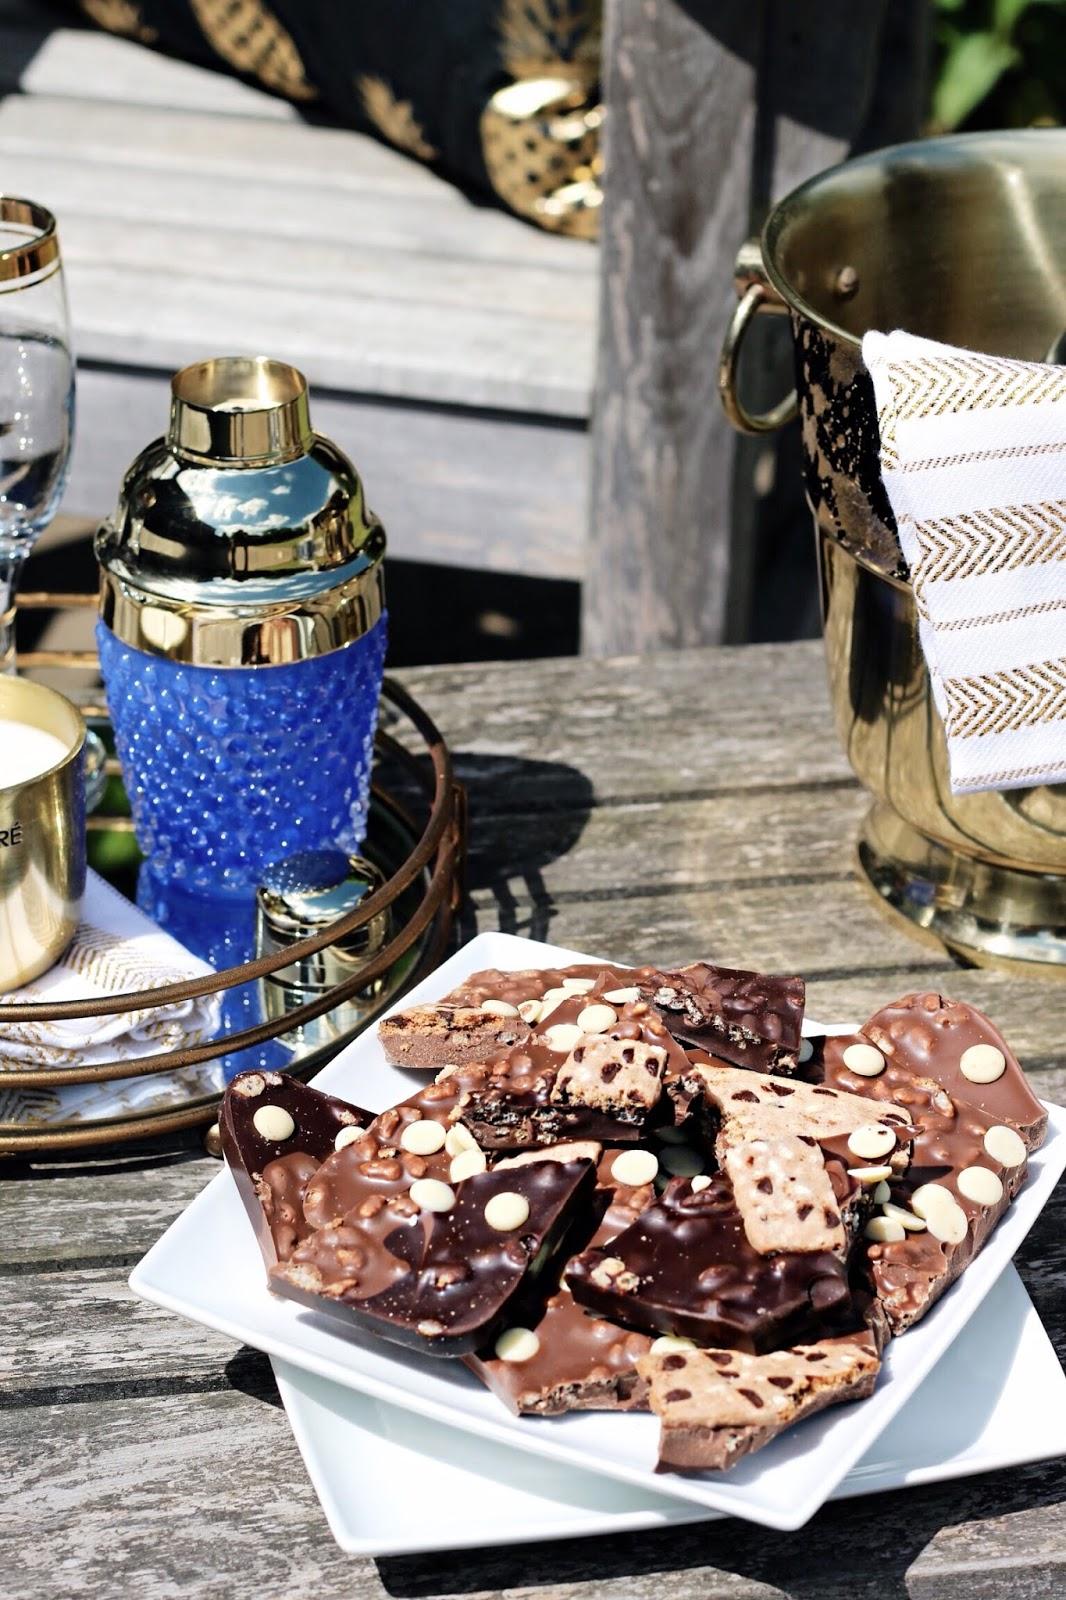 Hotel Chocolat UK Lifestyle Blog Collaboration